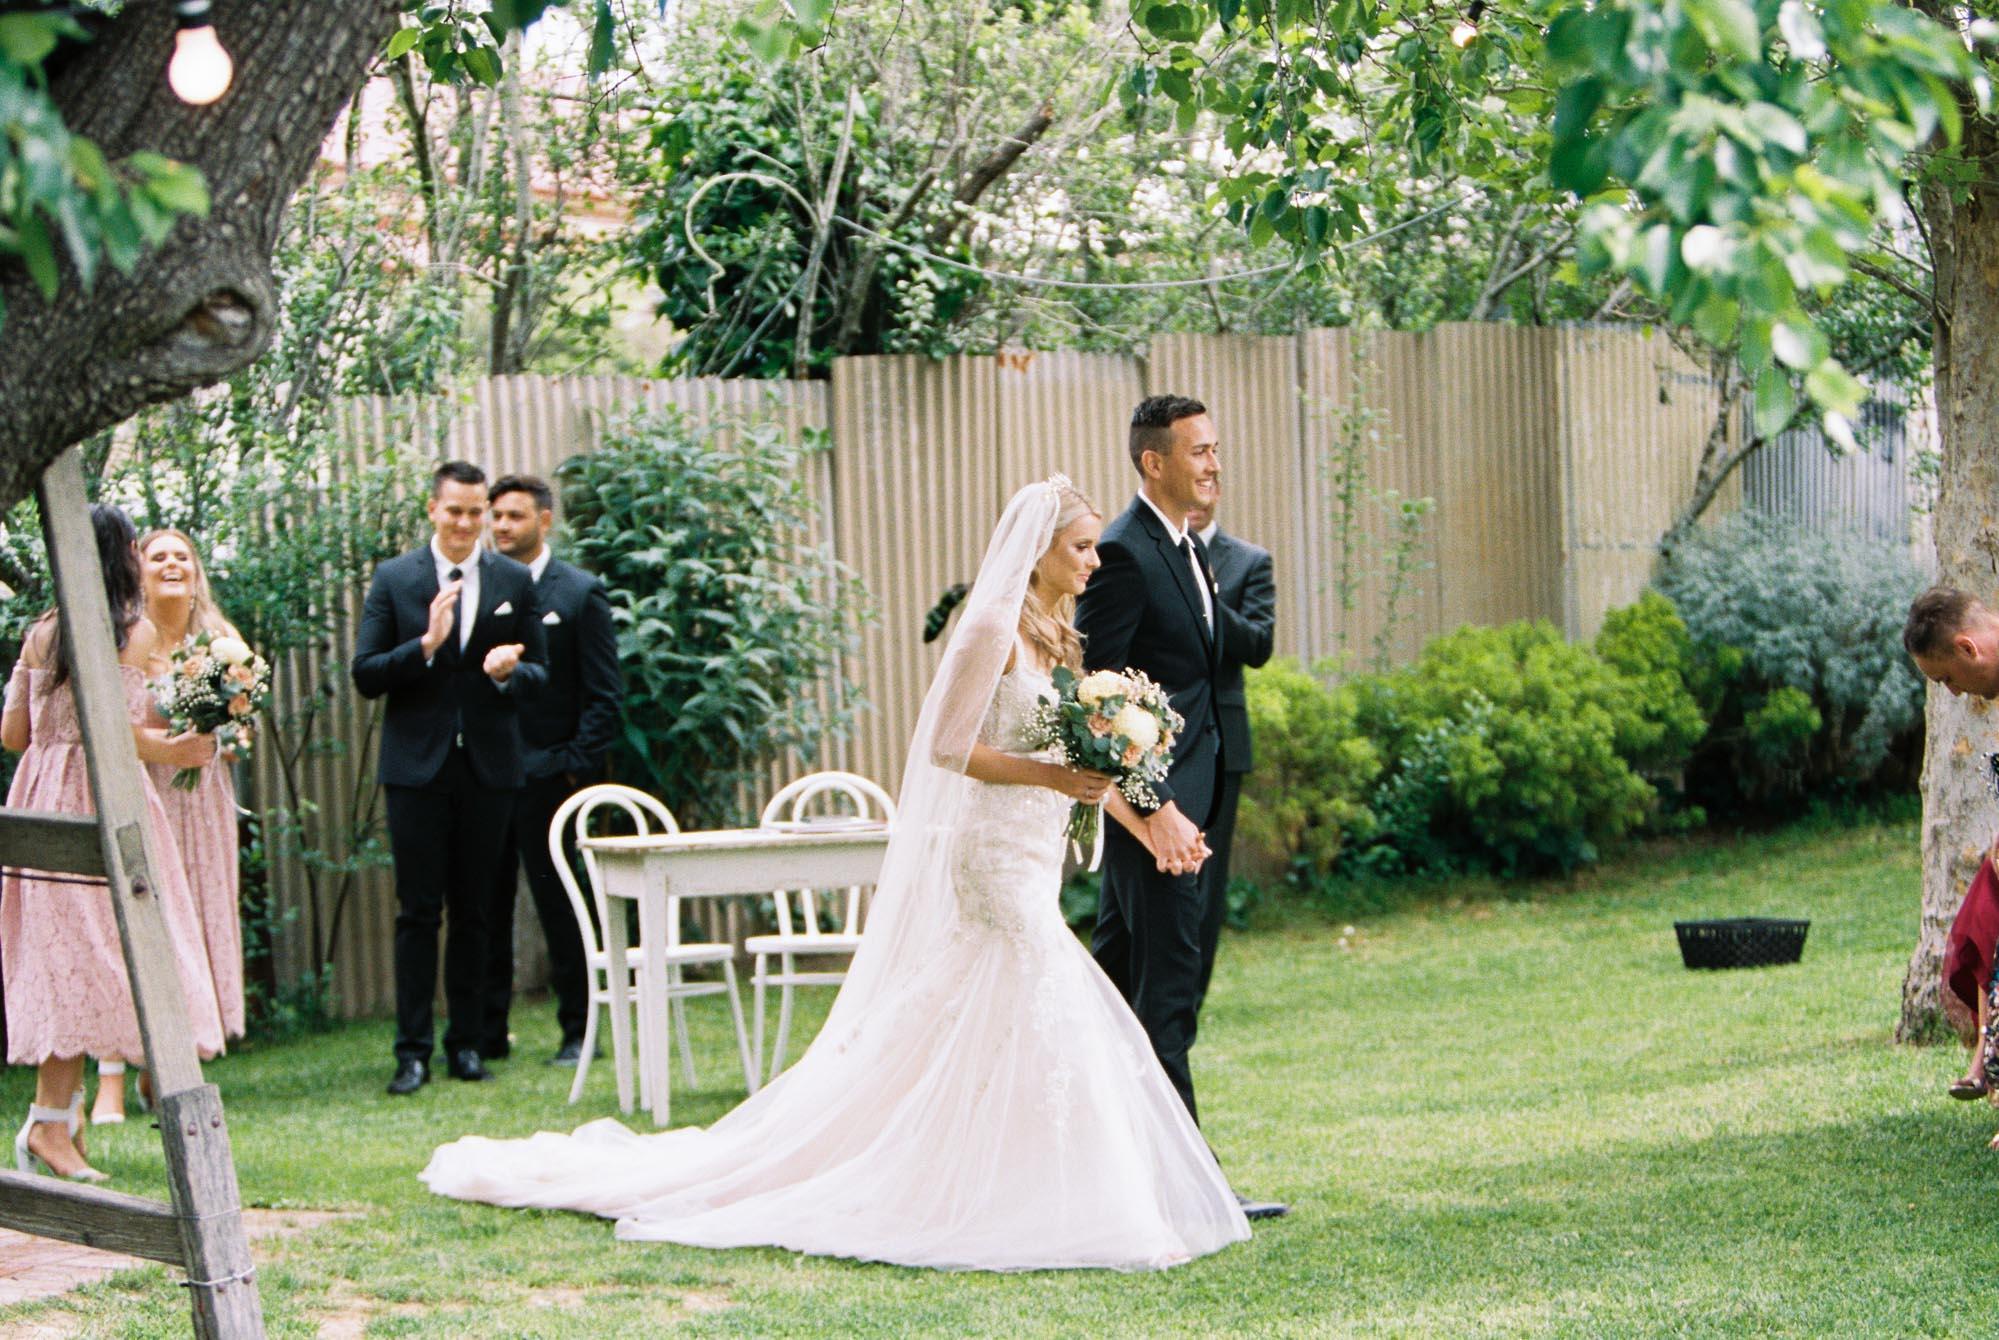 Whitehouse-hahndorf-wedding-photography-055.jpg